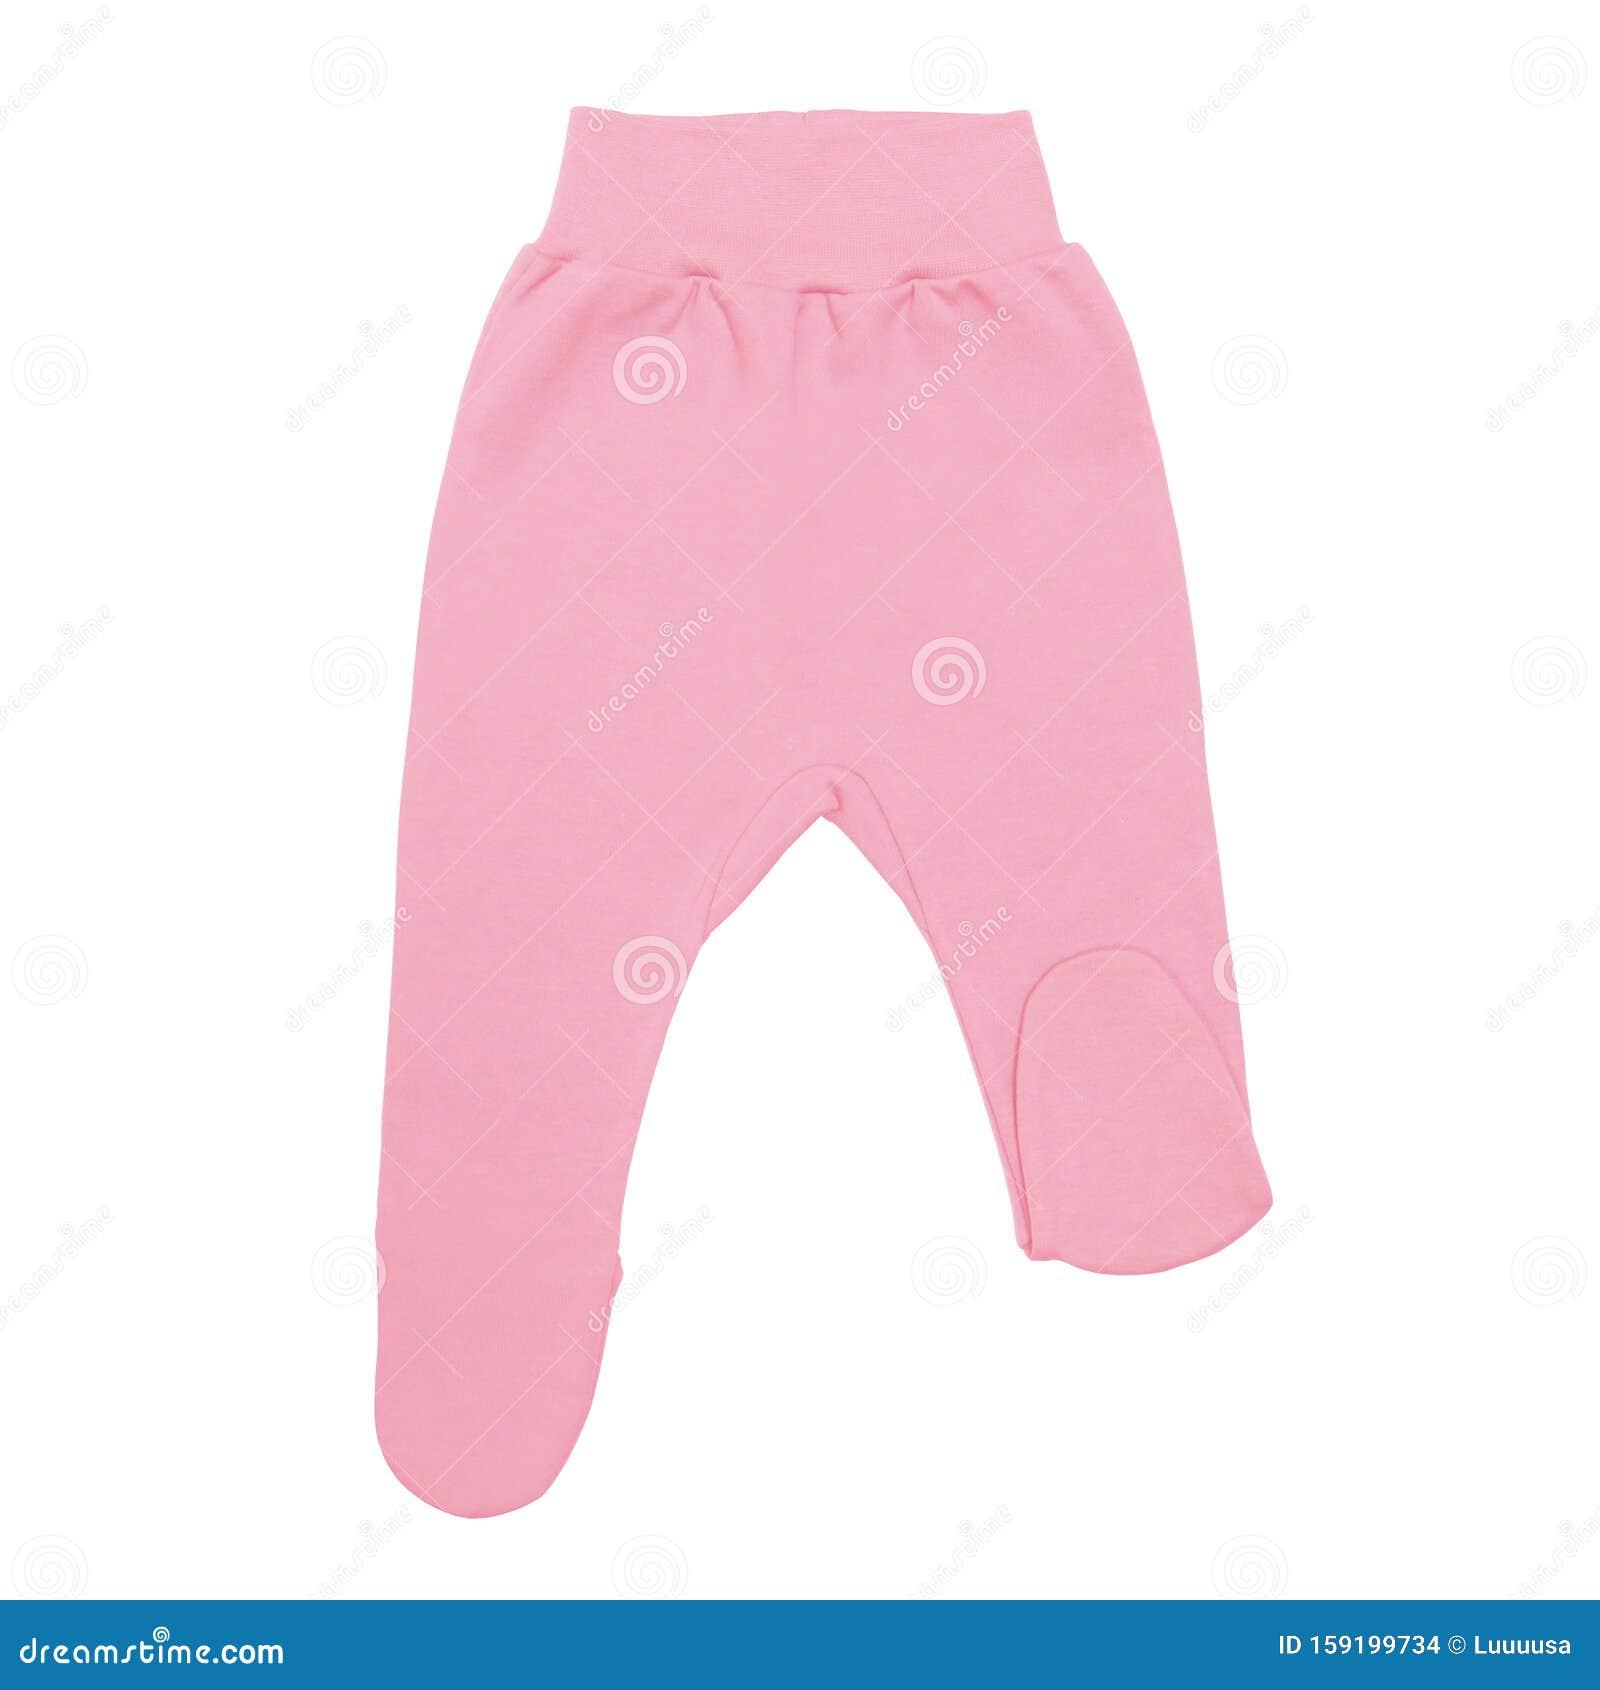 Pantalones Rojos Para Bebe Pantalones De Footia Ninos Aislados En Fondo Blanco Foto De Archivo Imagen De Ninos Pantalones 159199734